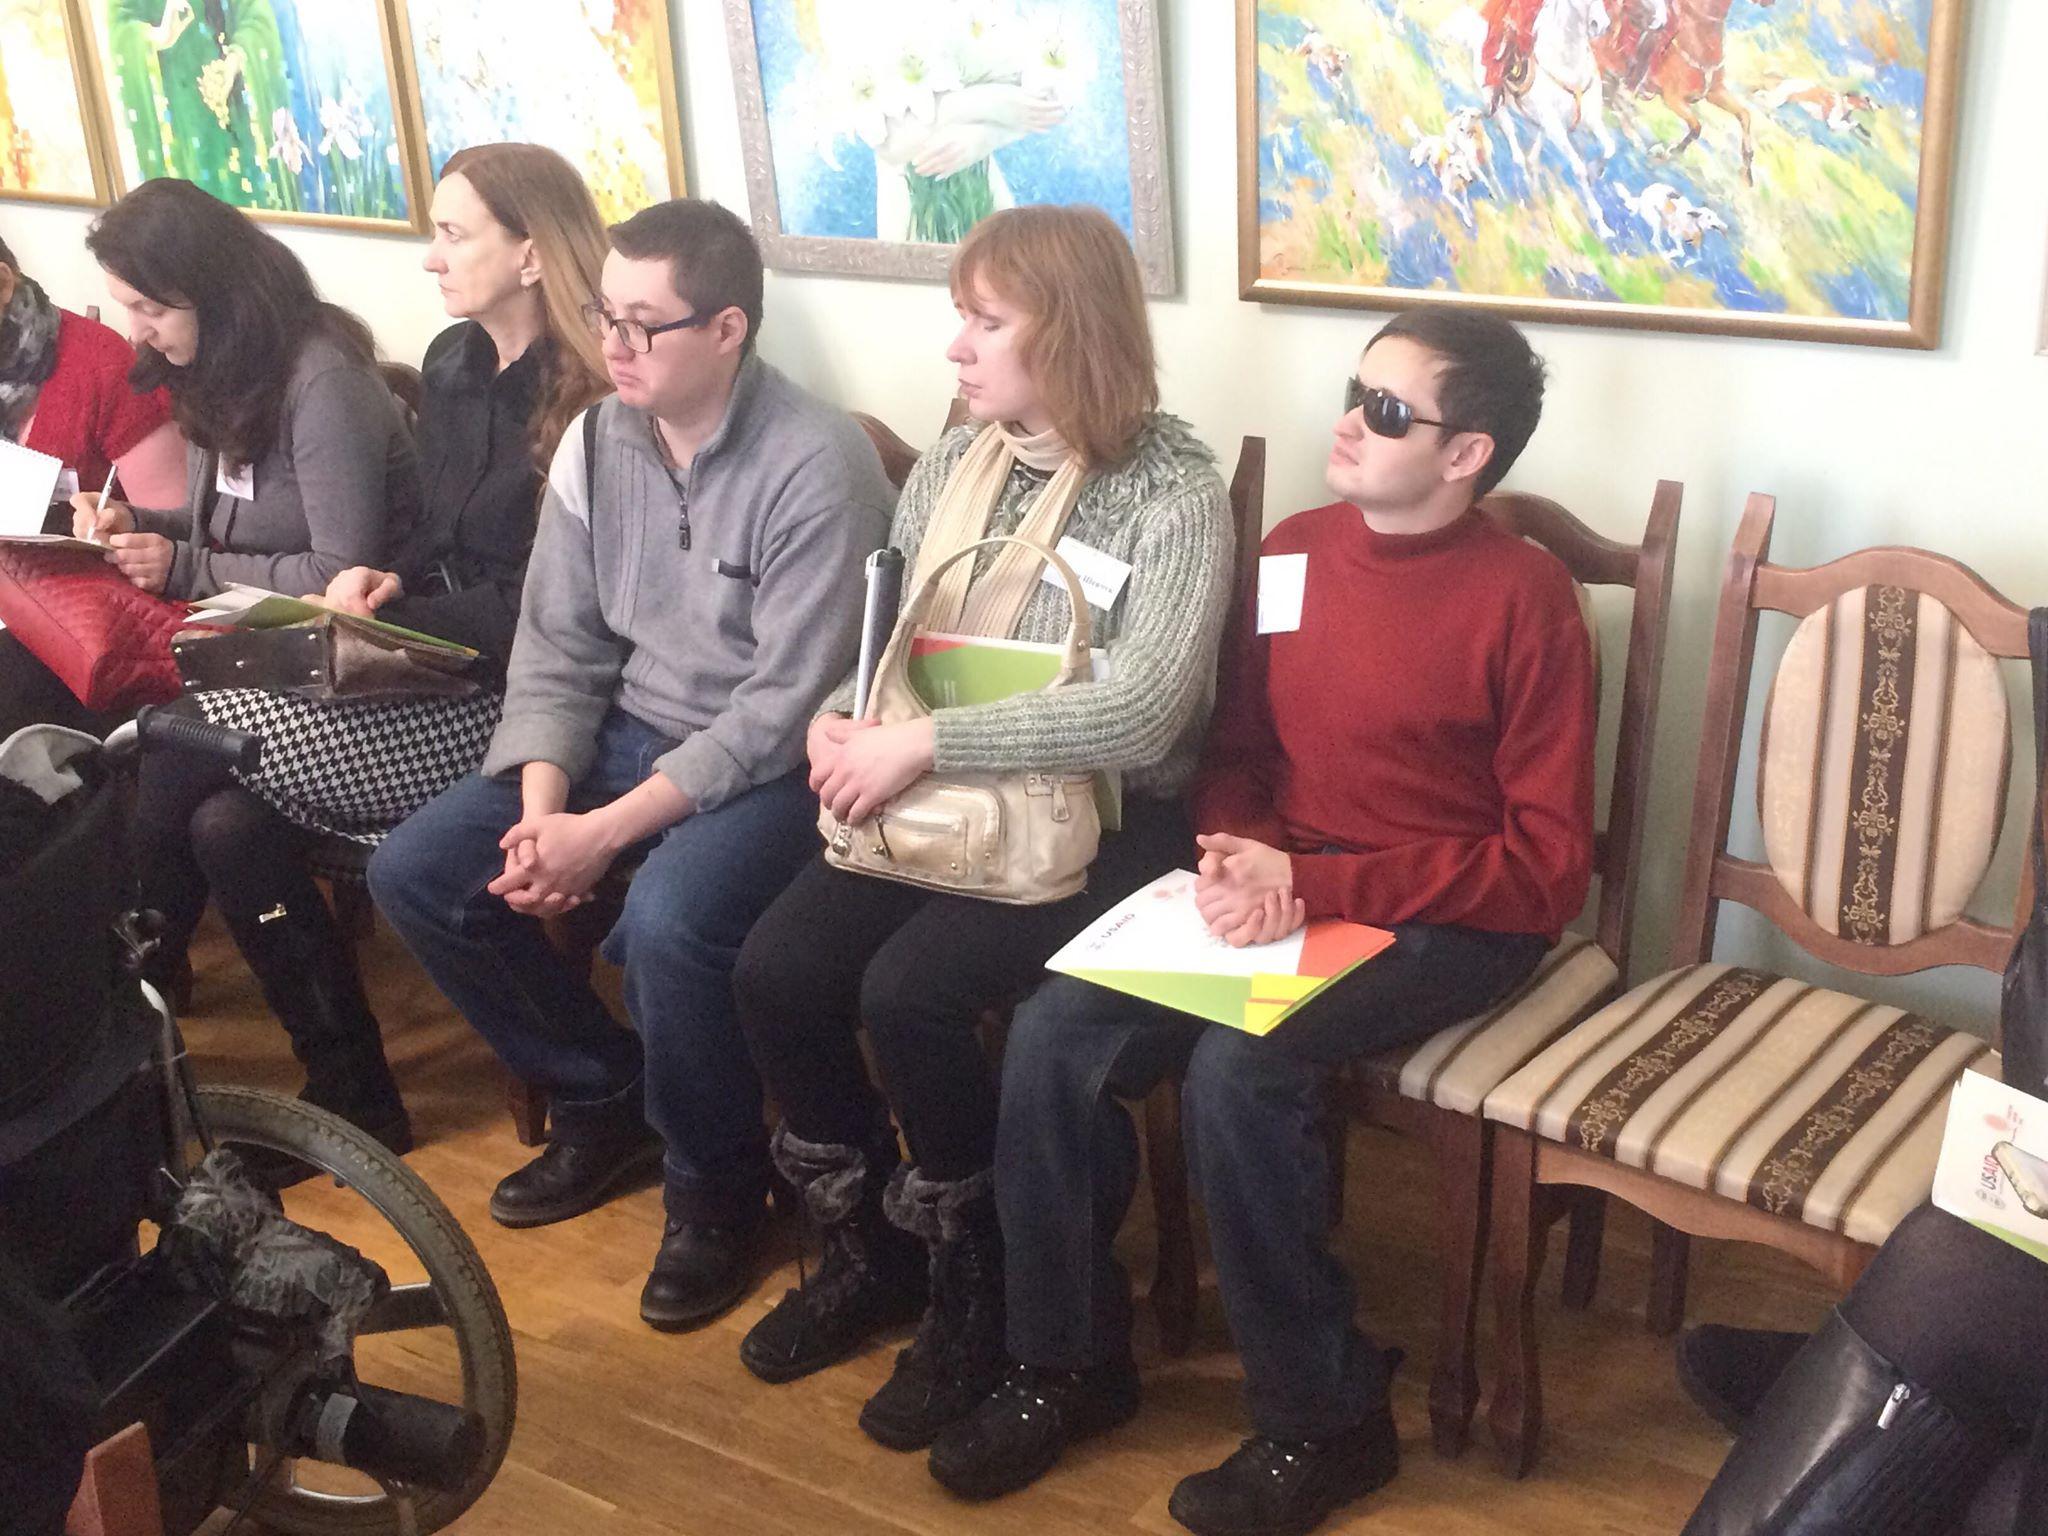 У Житомирі людей з інвалідністю навчають, як започаткувати власну справу